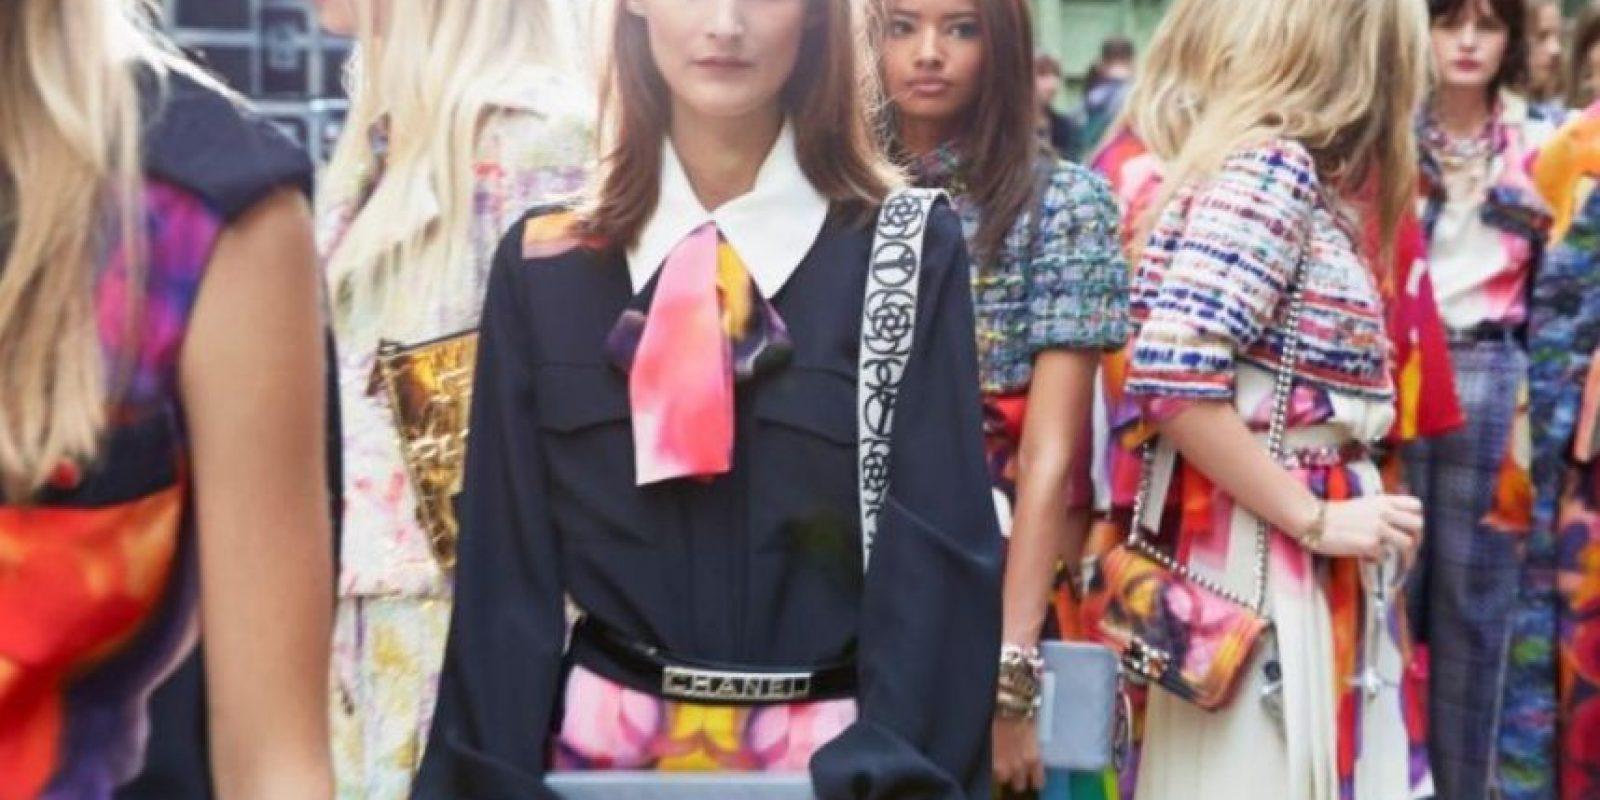 """Algo que causó polémica, al querer """"banalizar"""" el movimiento. Foto:Chanel"""